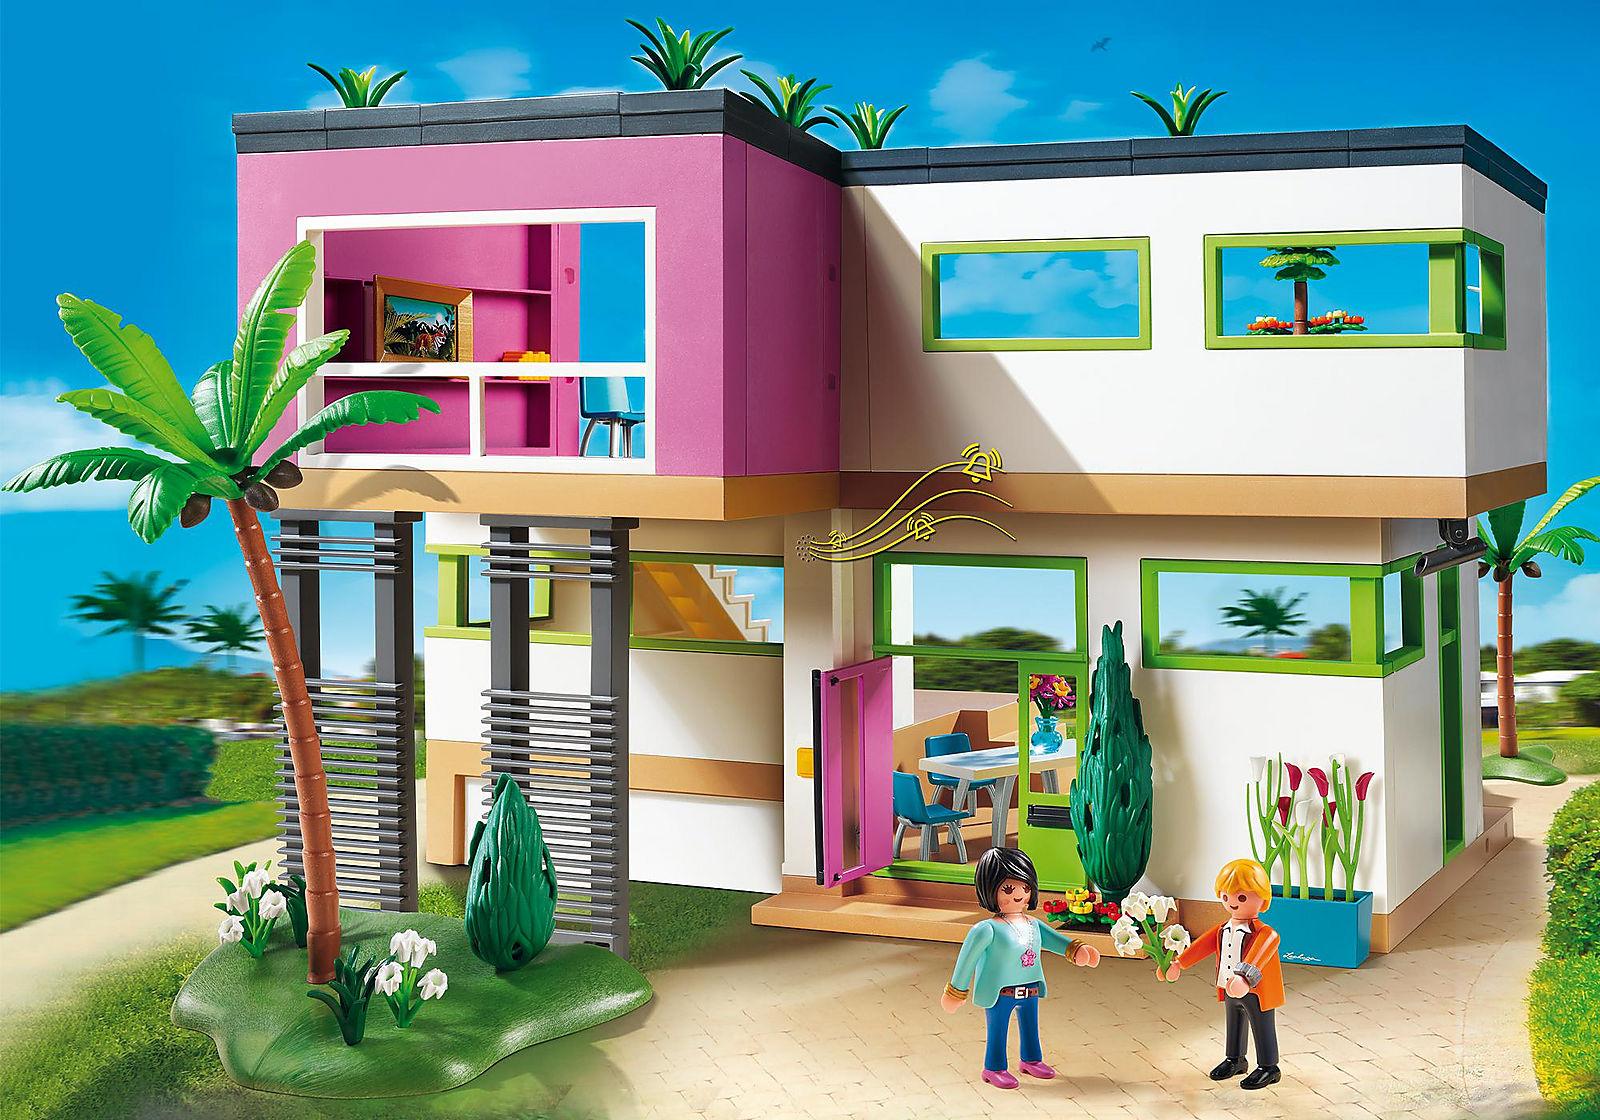 Maison Moderne Playmobil Un Jouet Pas Cher Pour Vos Enfants Chambre Enfant Maison Zenidees Maison Moderne Playmobil Maison Moderne Maison Playmobil